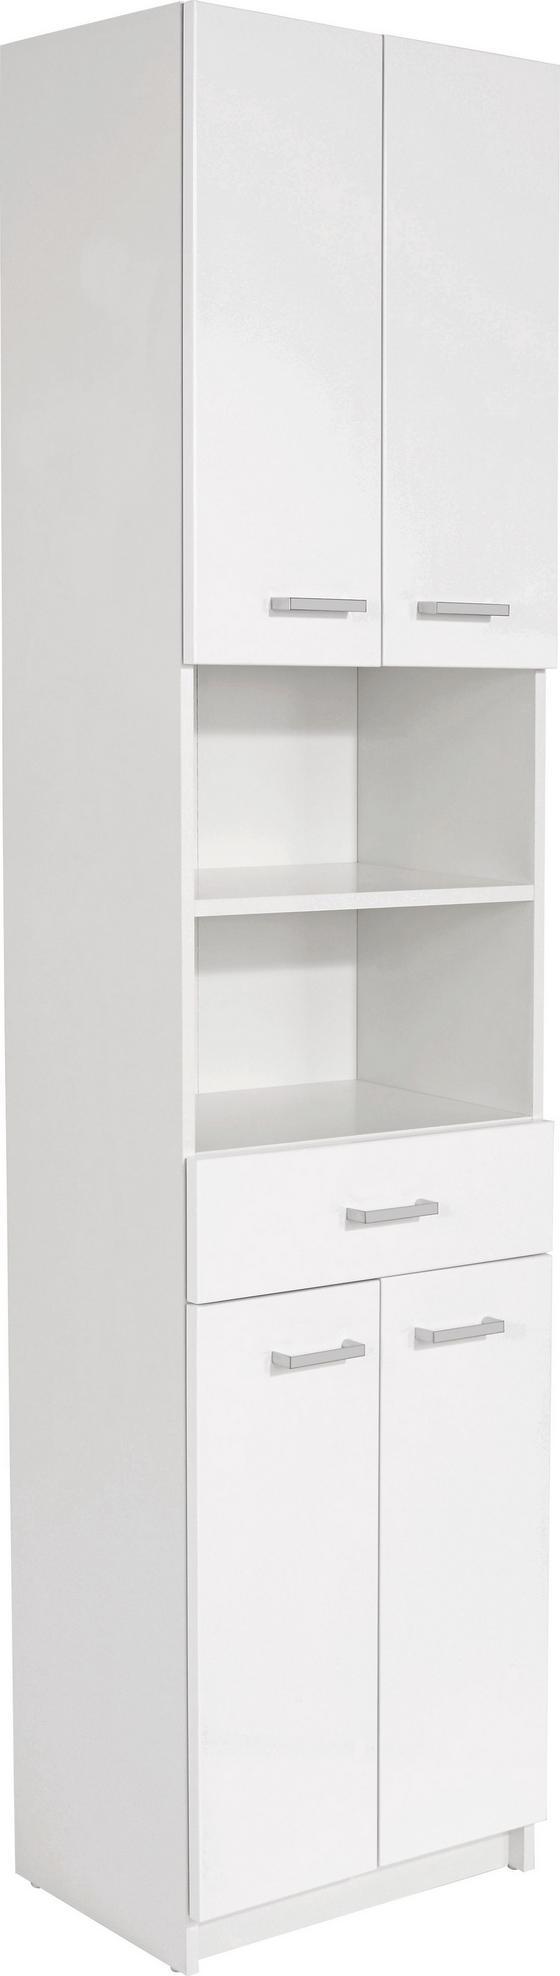 Vysoká Skříň Fiola - bílá, Konvenční, dřevěný materiál (50/192/33,5cm)